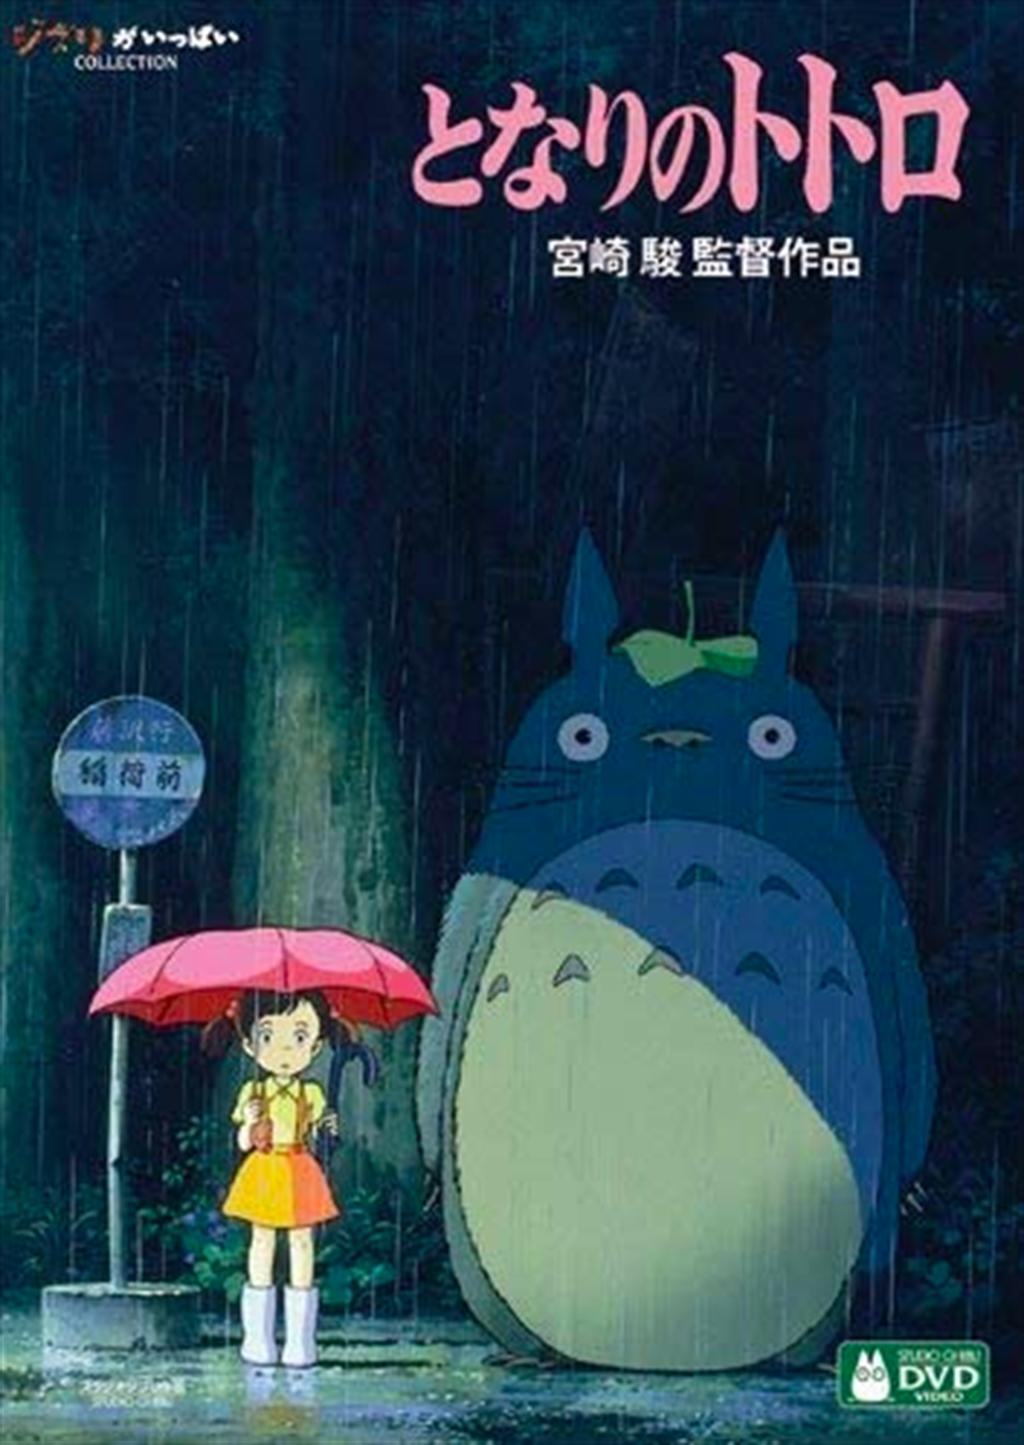 日本動畫《龍貓》。(取自amazon.co.jp)